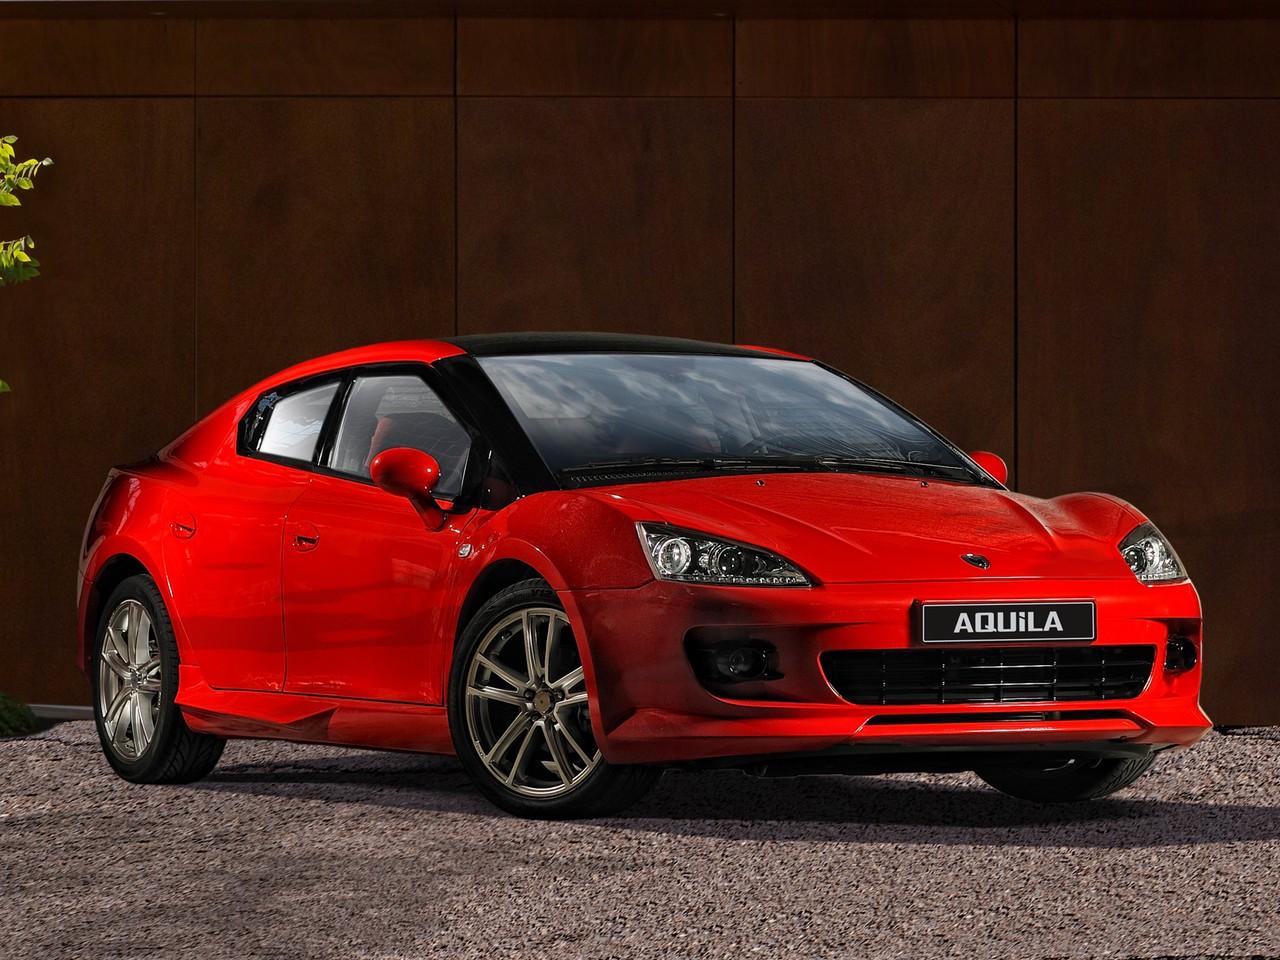 После публикации таких фотографий Aquila стали сравнивать с Ferrari и Porsche Panamera. Авансы, конечно, не оправдались